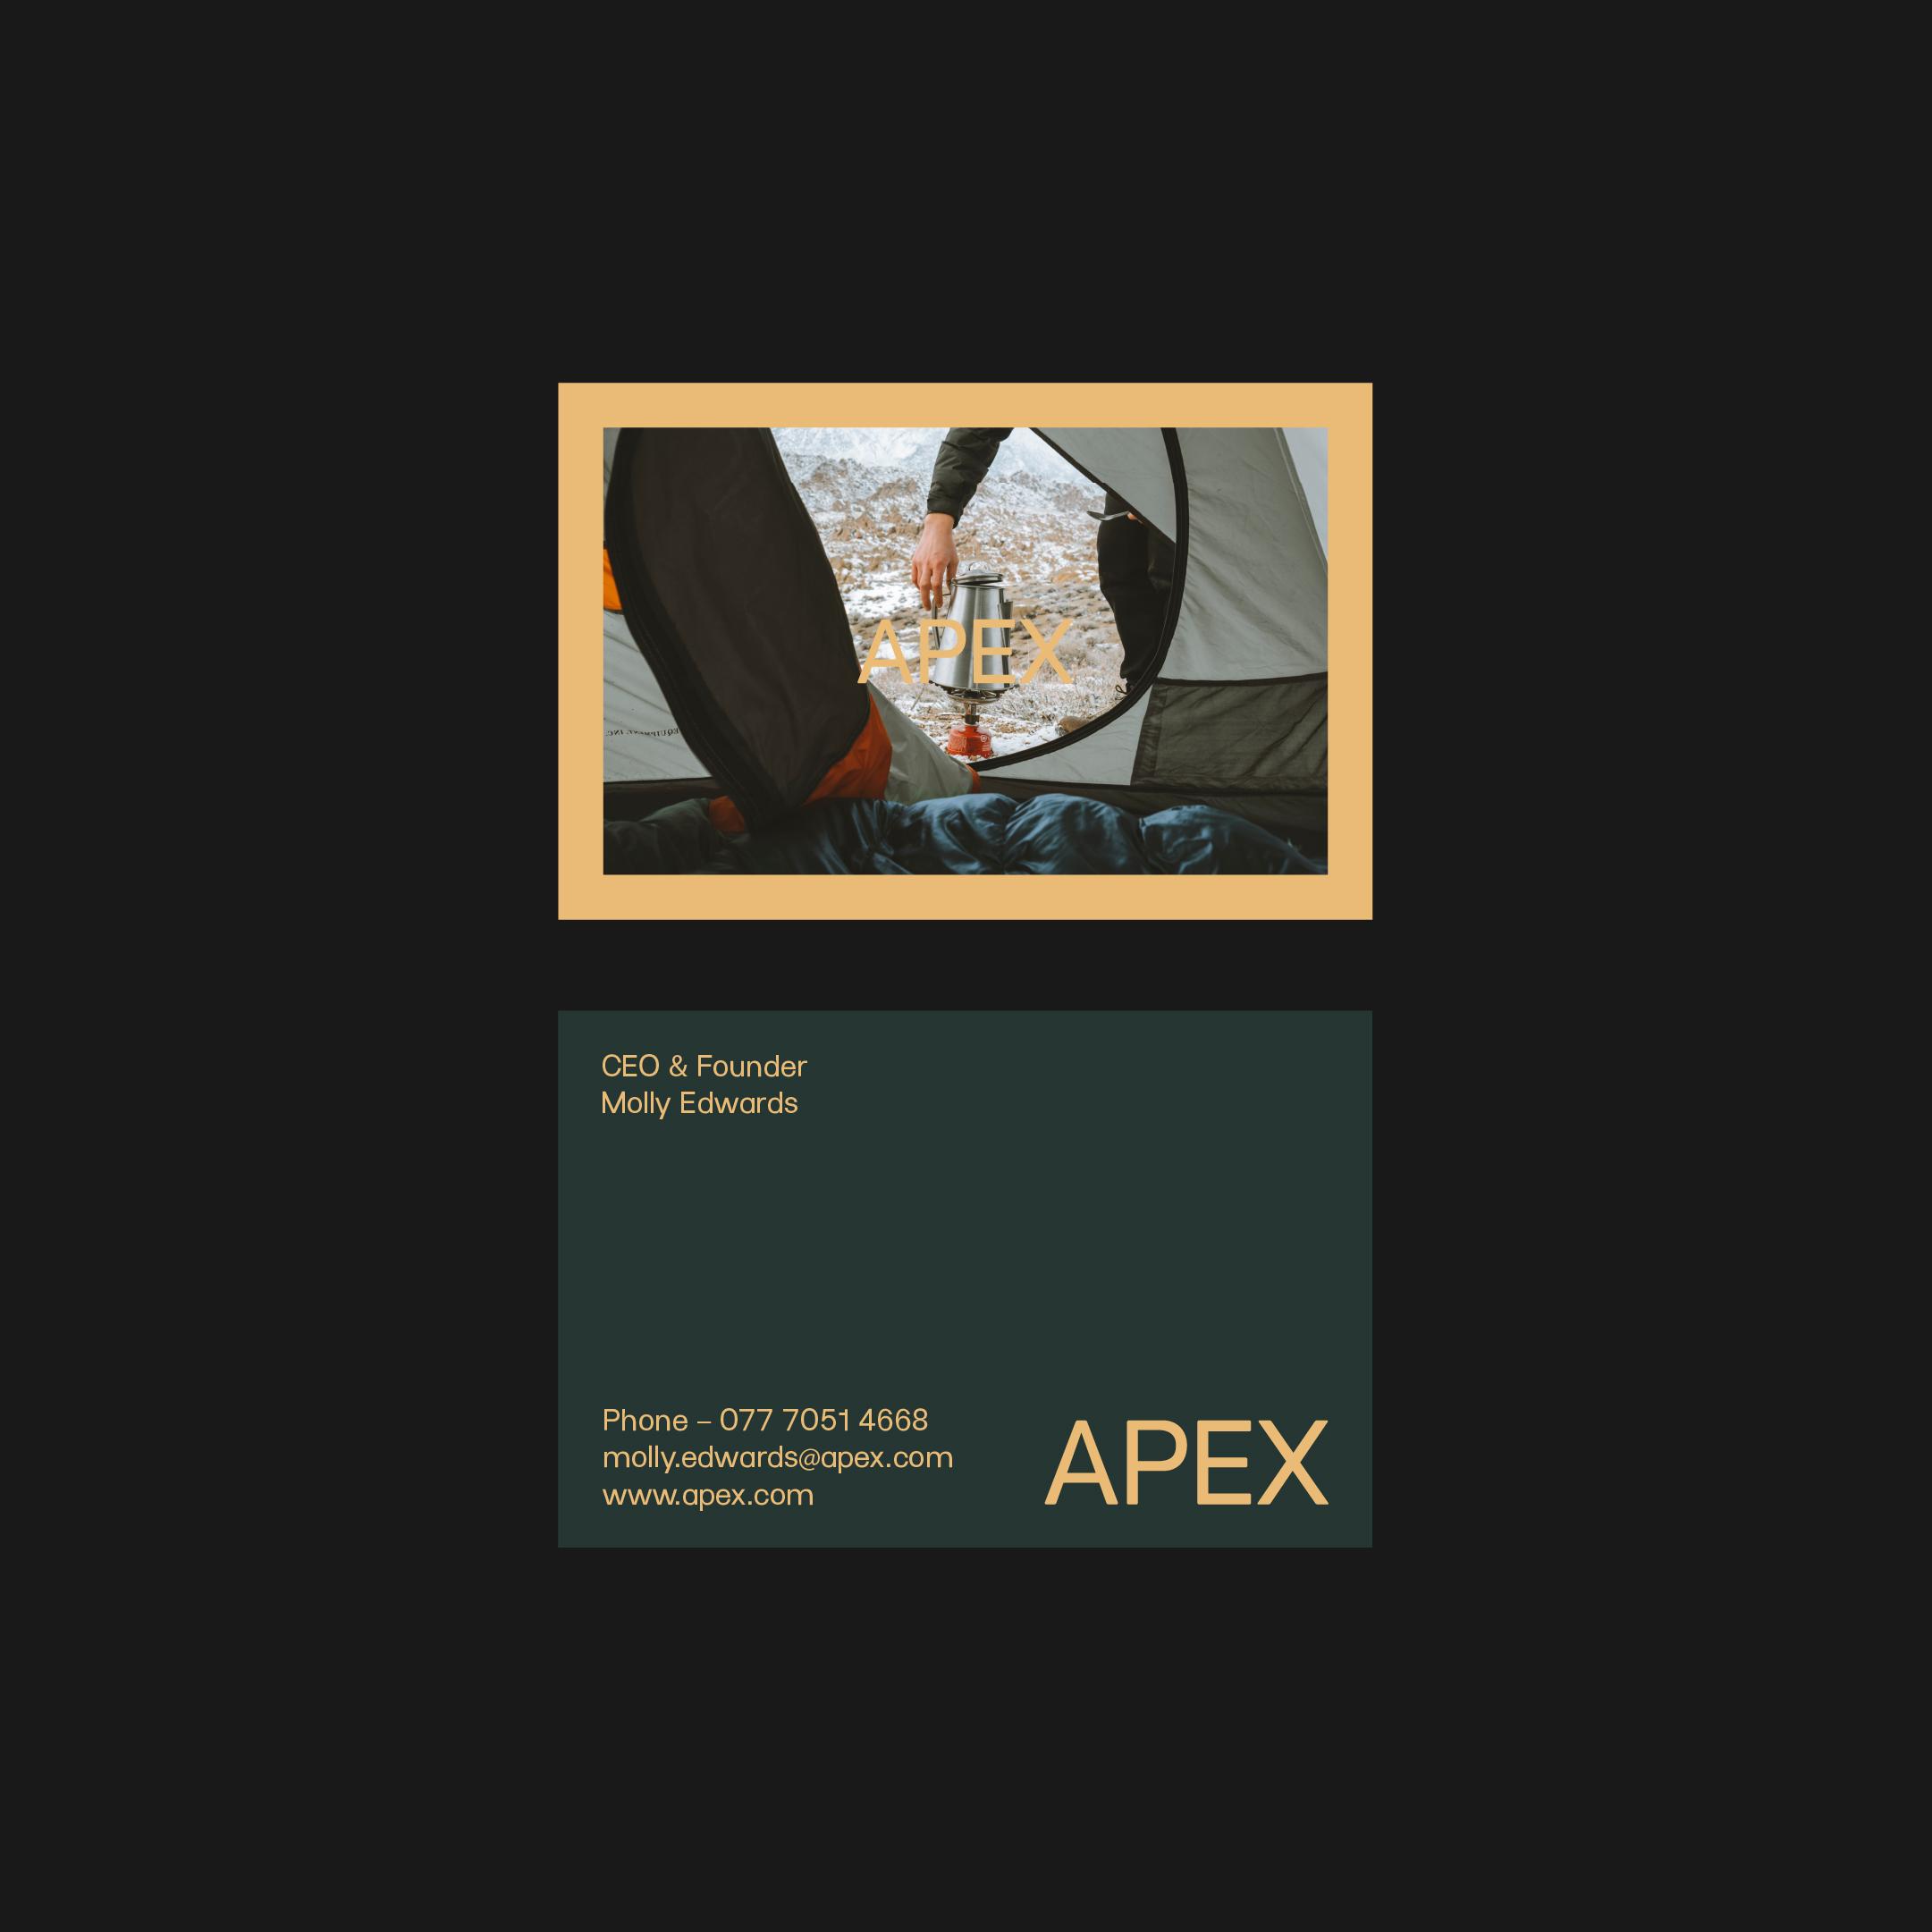 Apex-100